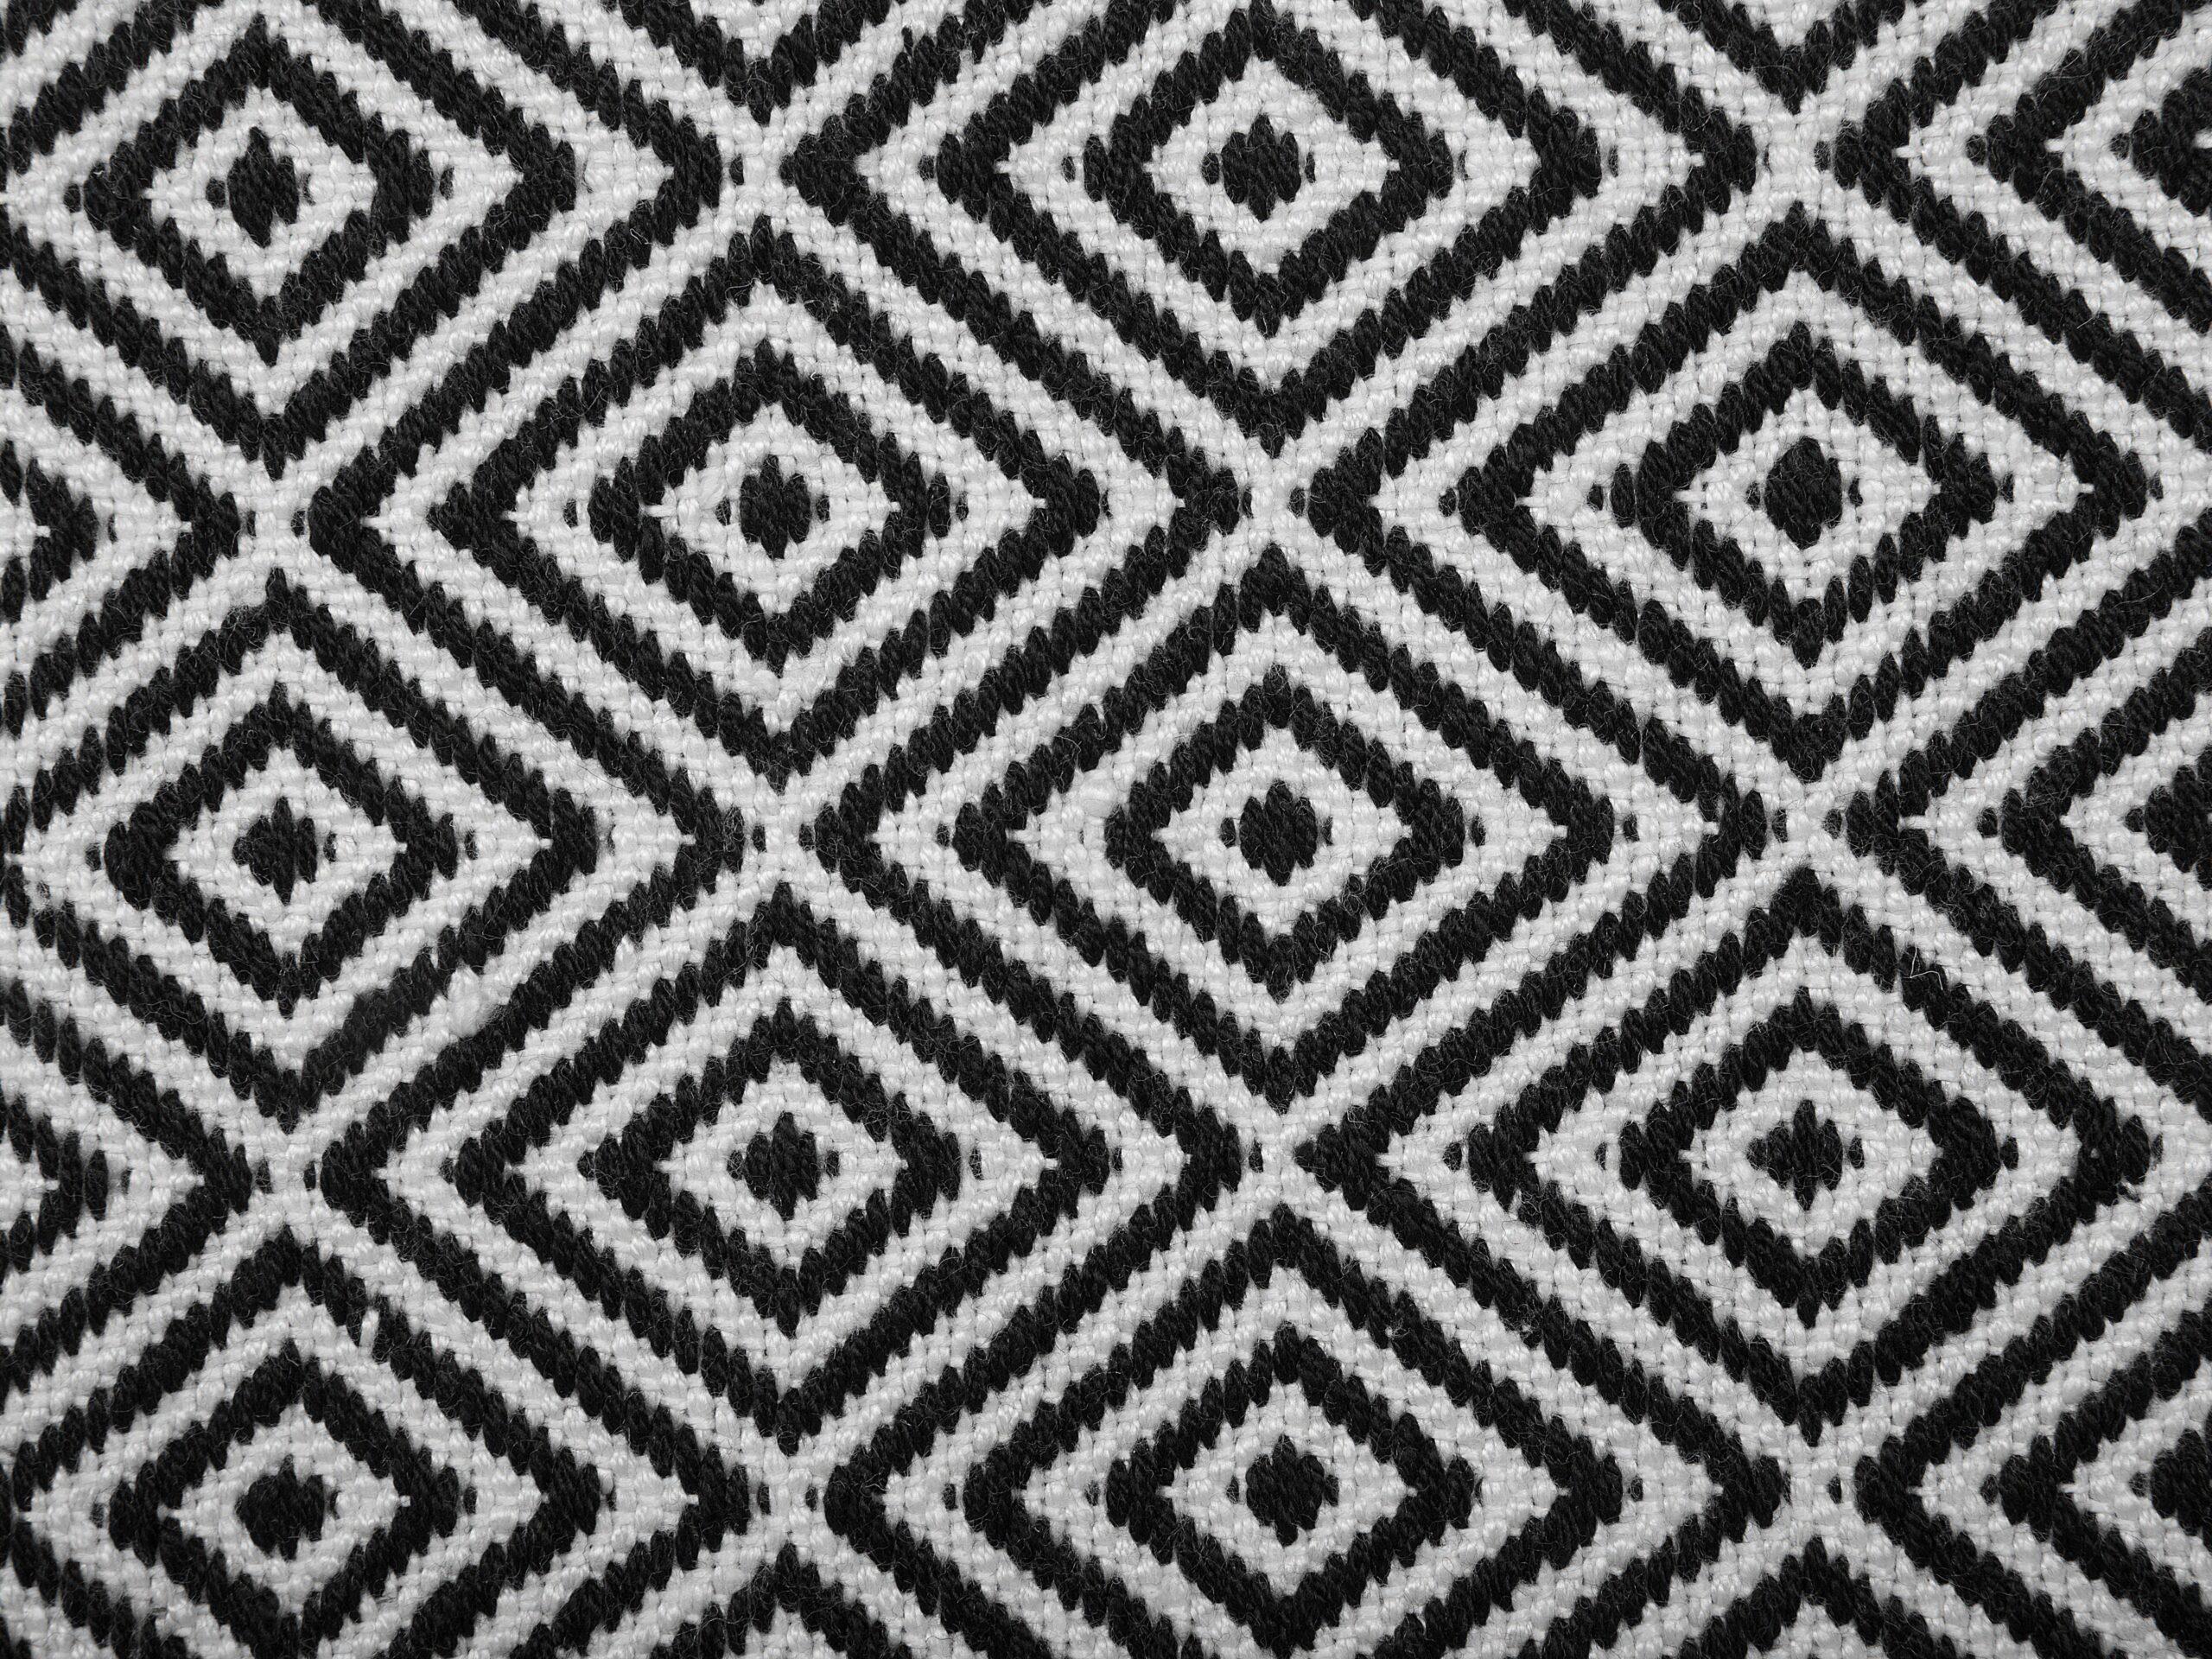 Full Size of Teppich Schwarz Weiß Outdoor Wei 140 200 Cm Imircik Belianide Weiße Betten Küche Regal Hochglanz Bett Mit Schubladen Esstisch Weißes Bad Kommode 140x200 Wohnzimmer Teppich Schwarz Weiß